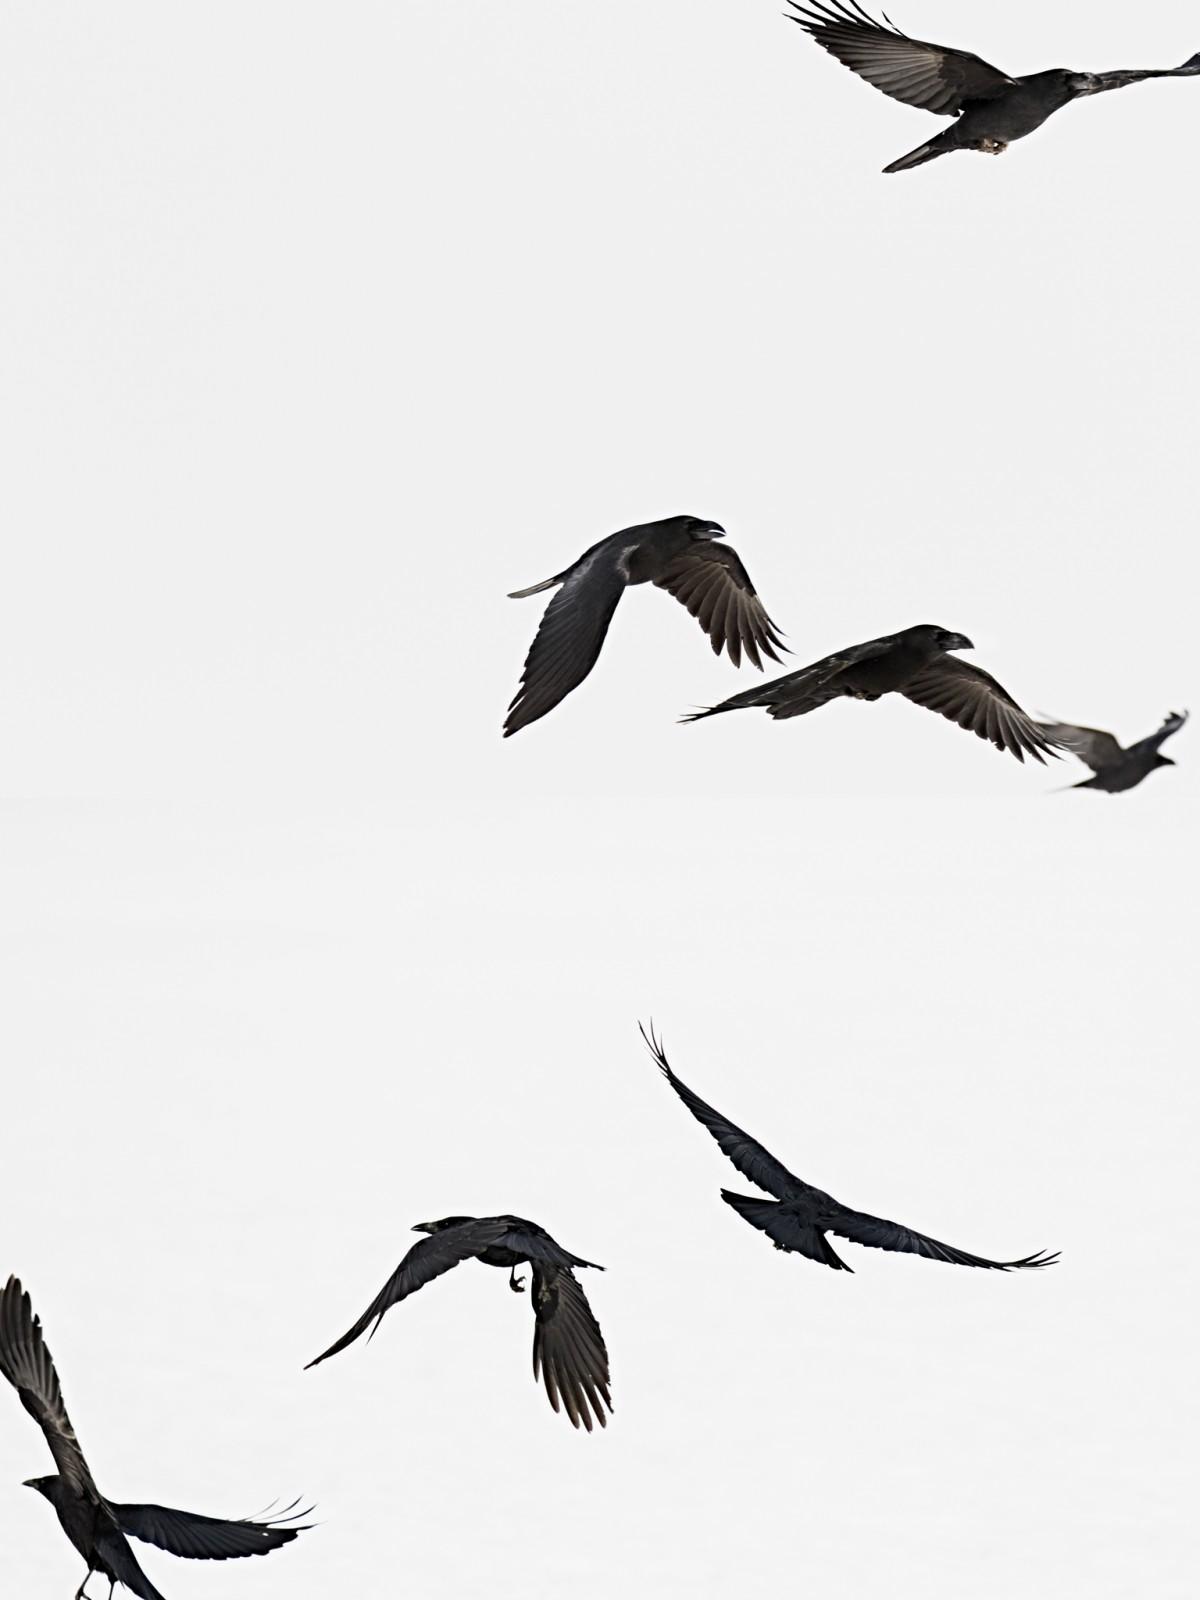 animal10_blackbird03